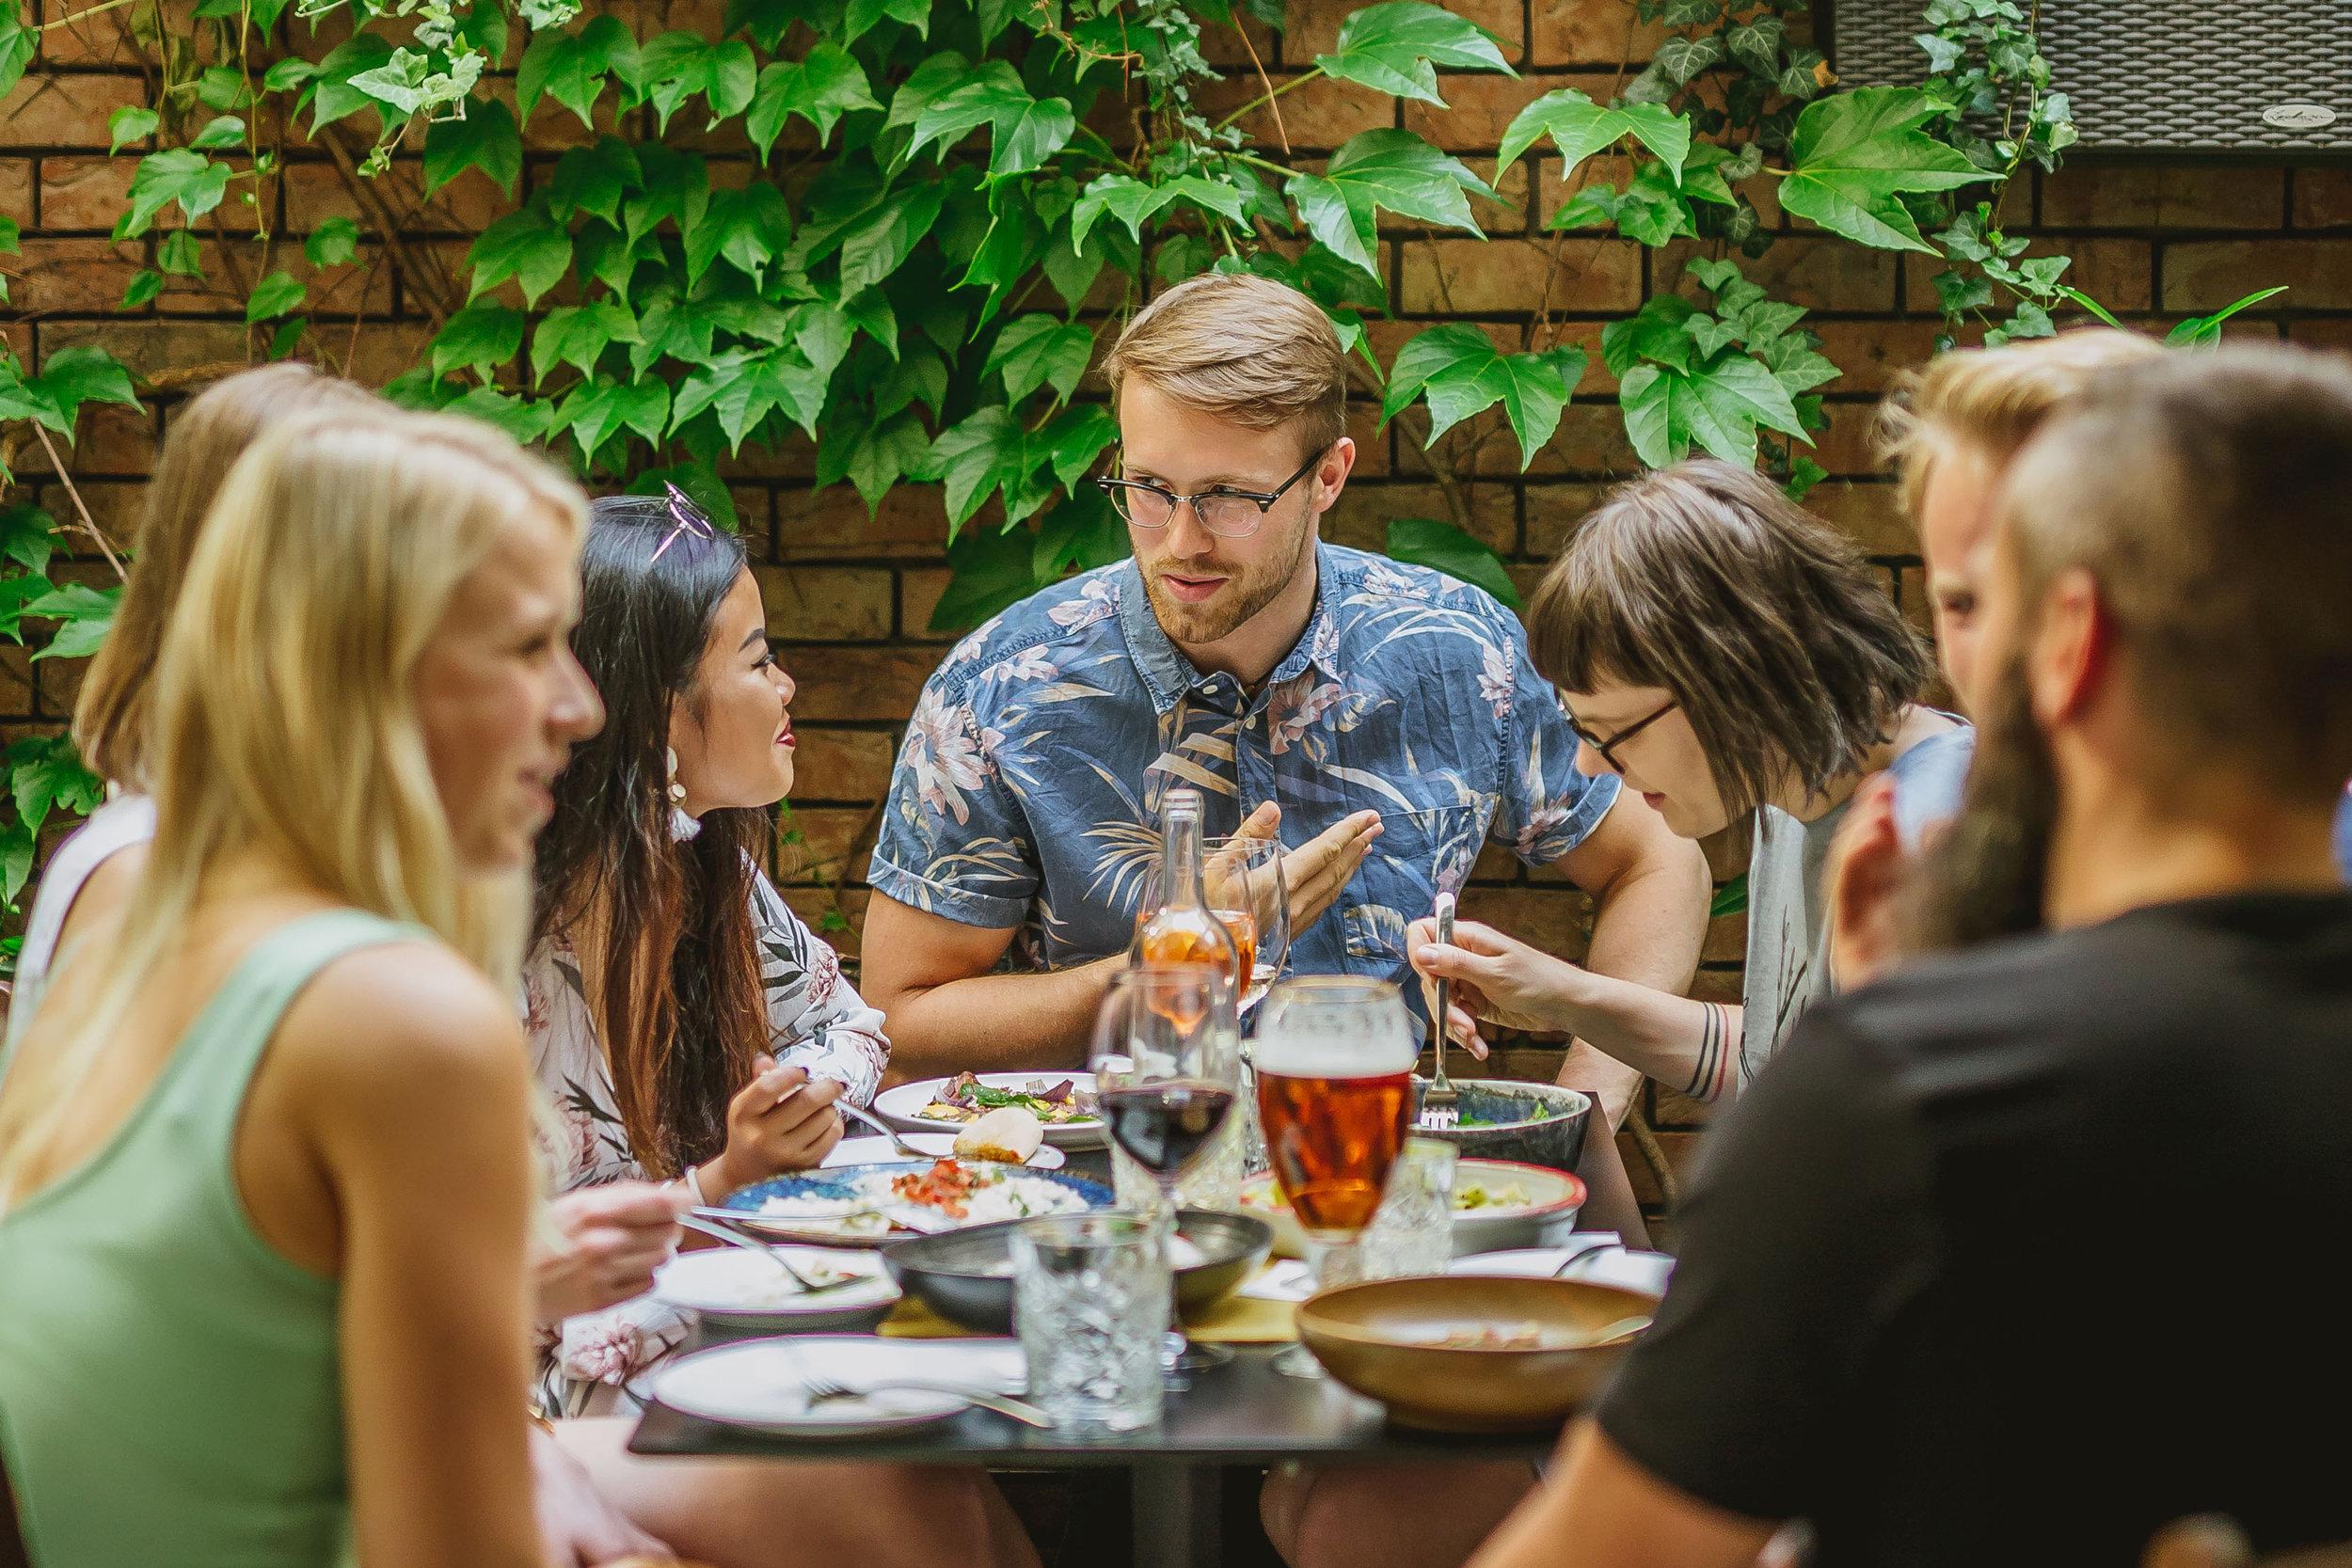 Together Tastes Better - Založen na myšlence sdílení, koncept Together Tastes Better si klade za cíl vytvářet a zpevňovat mezilidská pouta a vztahy. Jíst, mluvit, sdílet, prožívat, poznávat, žít. Společně. Dohromady.